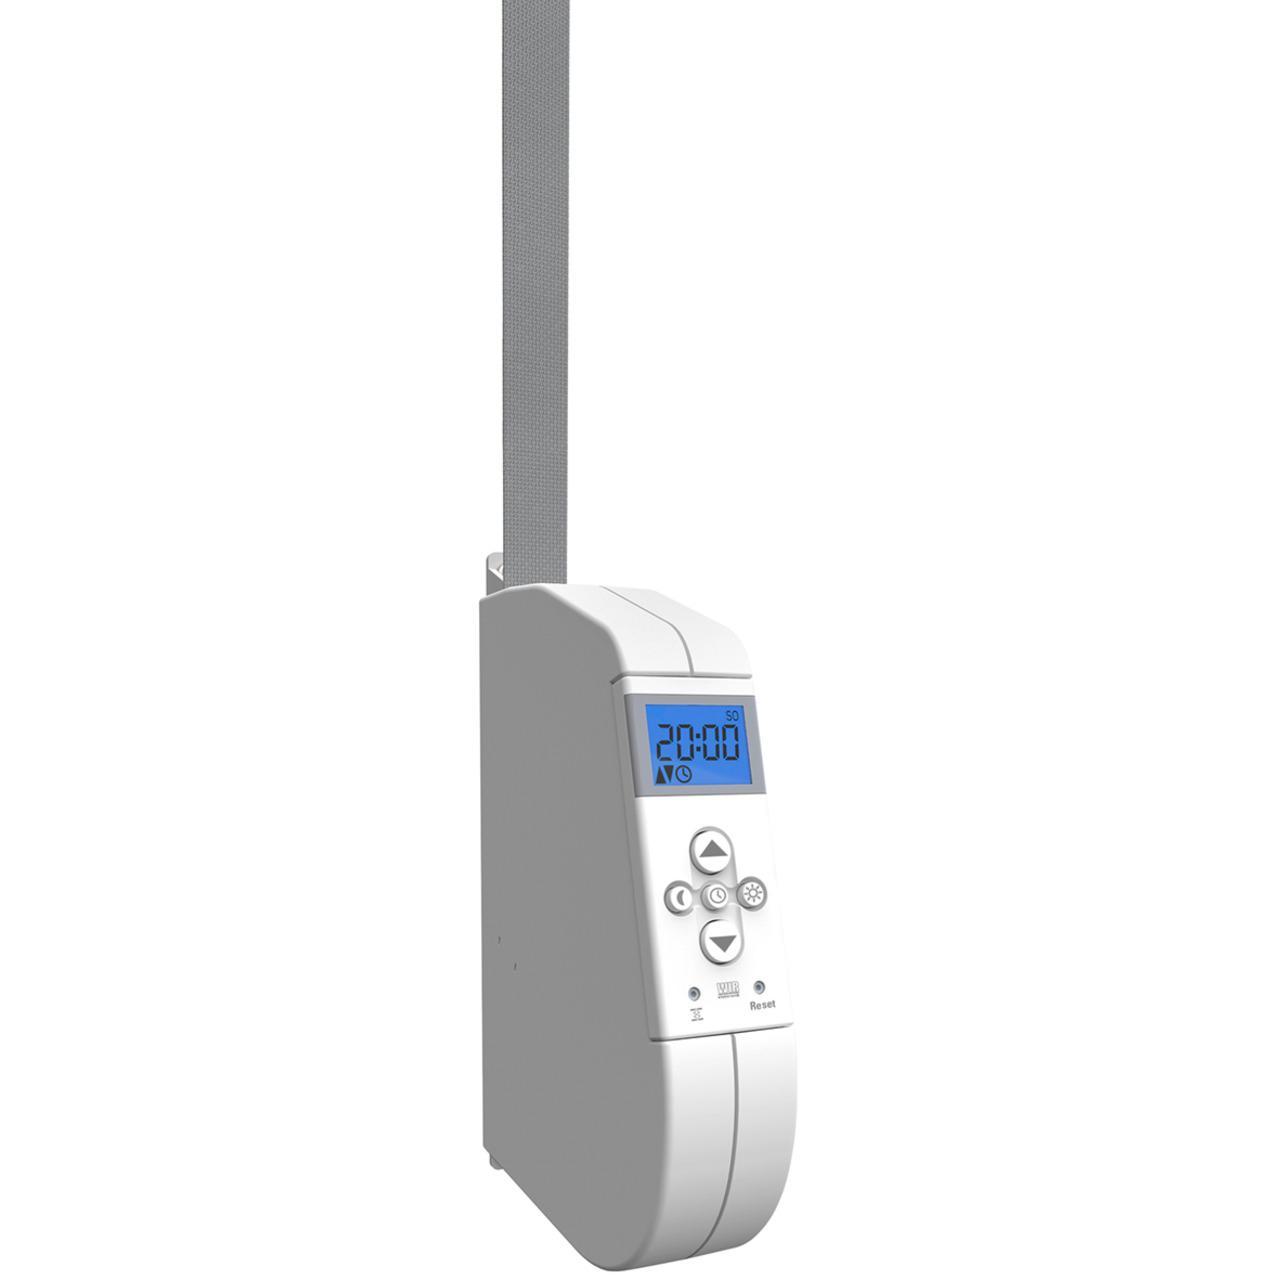 WIR Elektronik elektronischer Gurtwickler eWickler Comfort eW920-M, Aufputz, 15mm Gurtbreite,Display